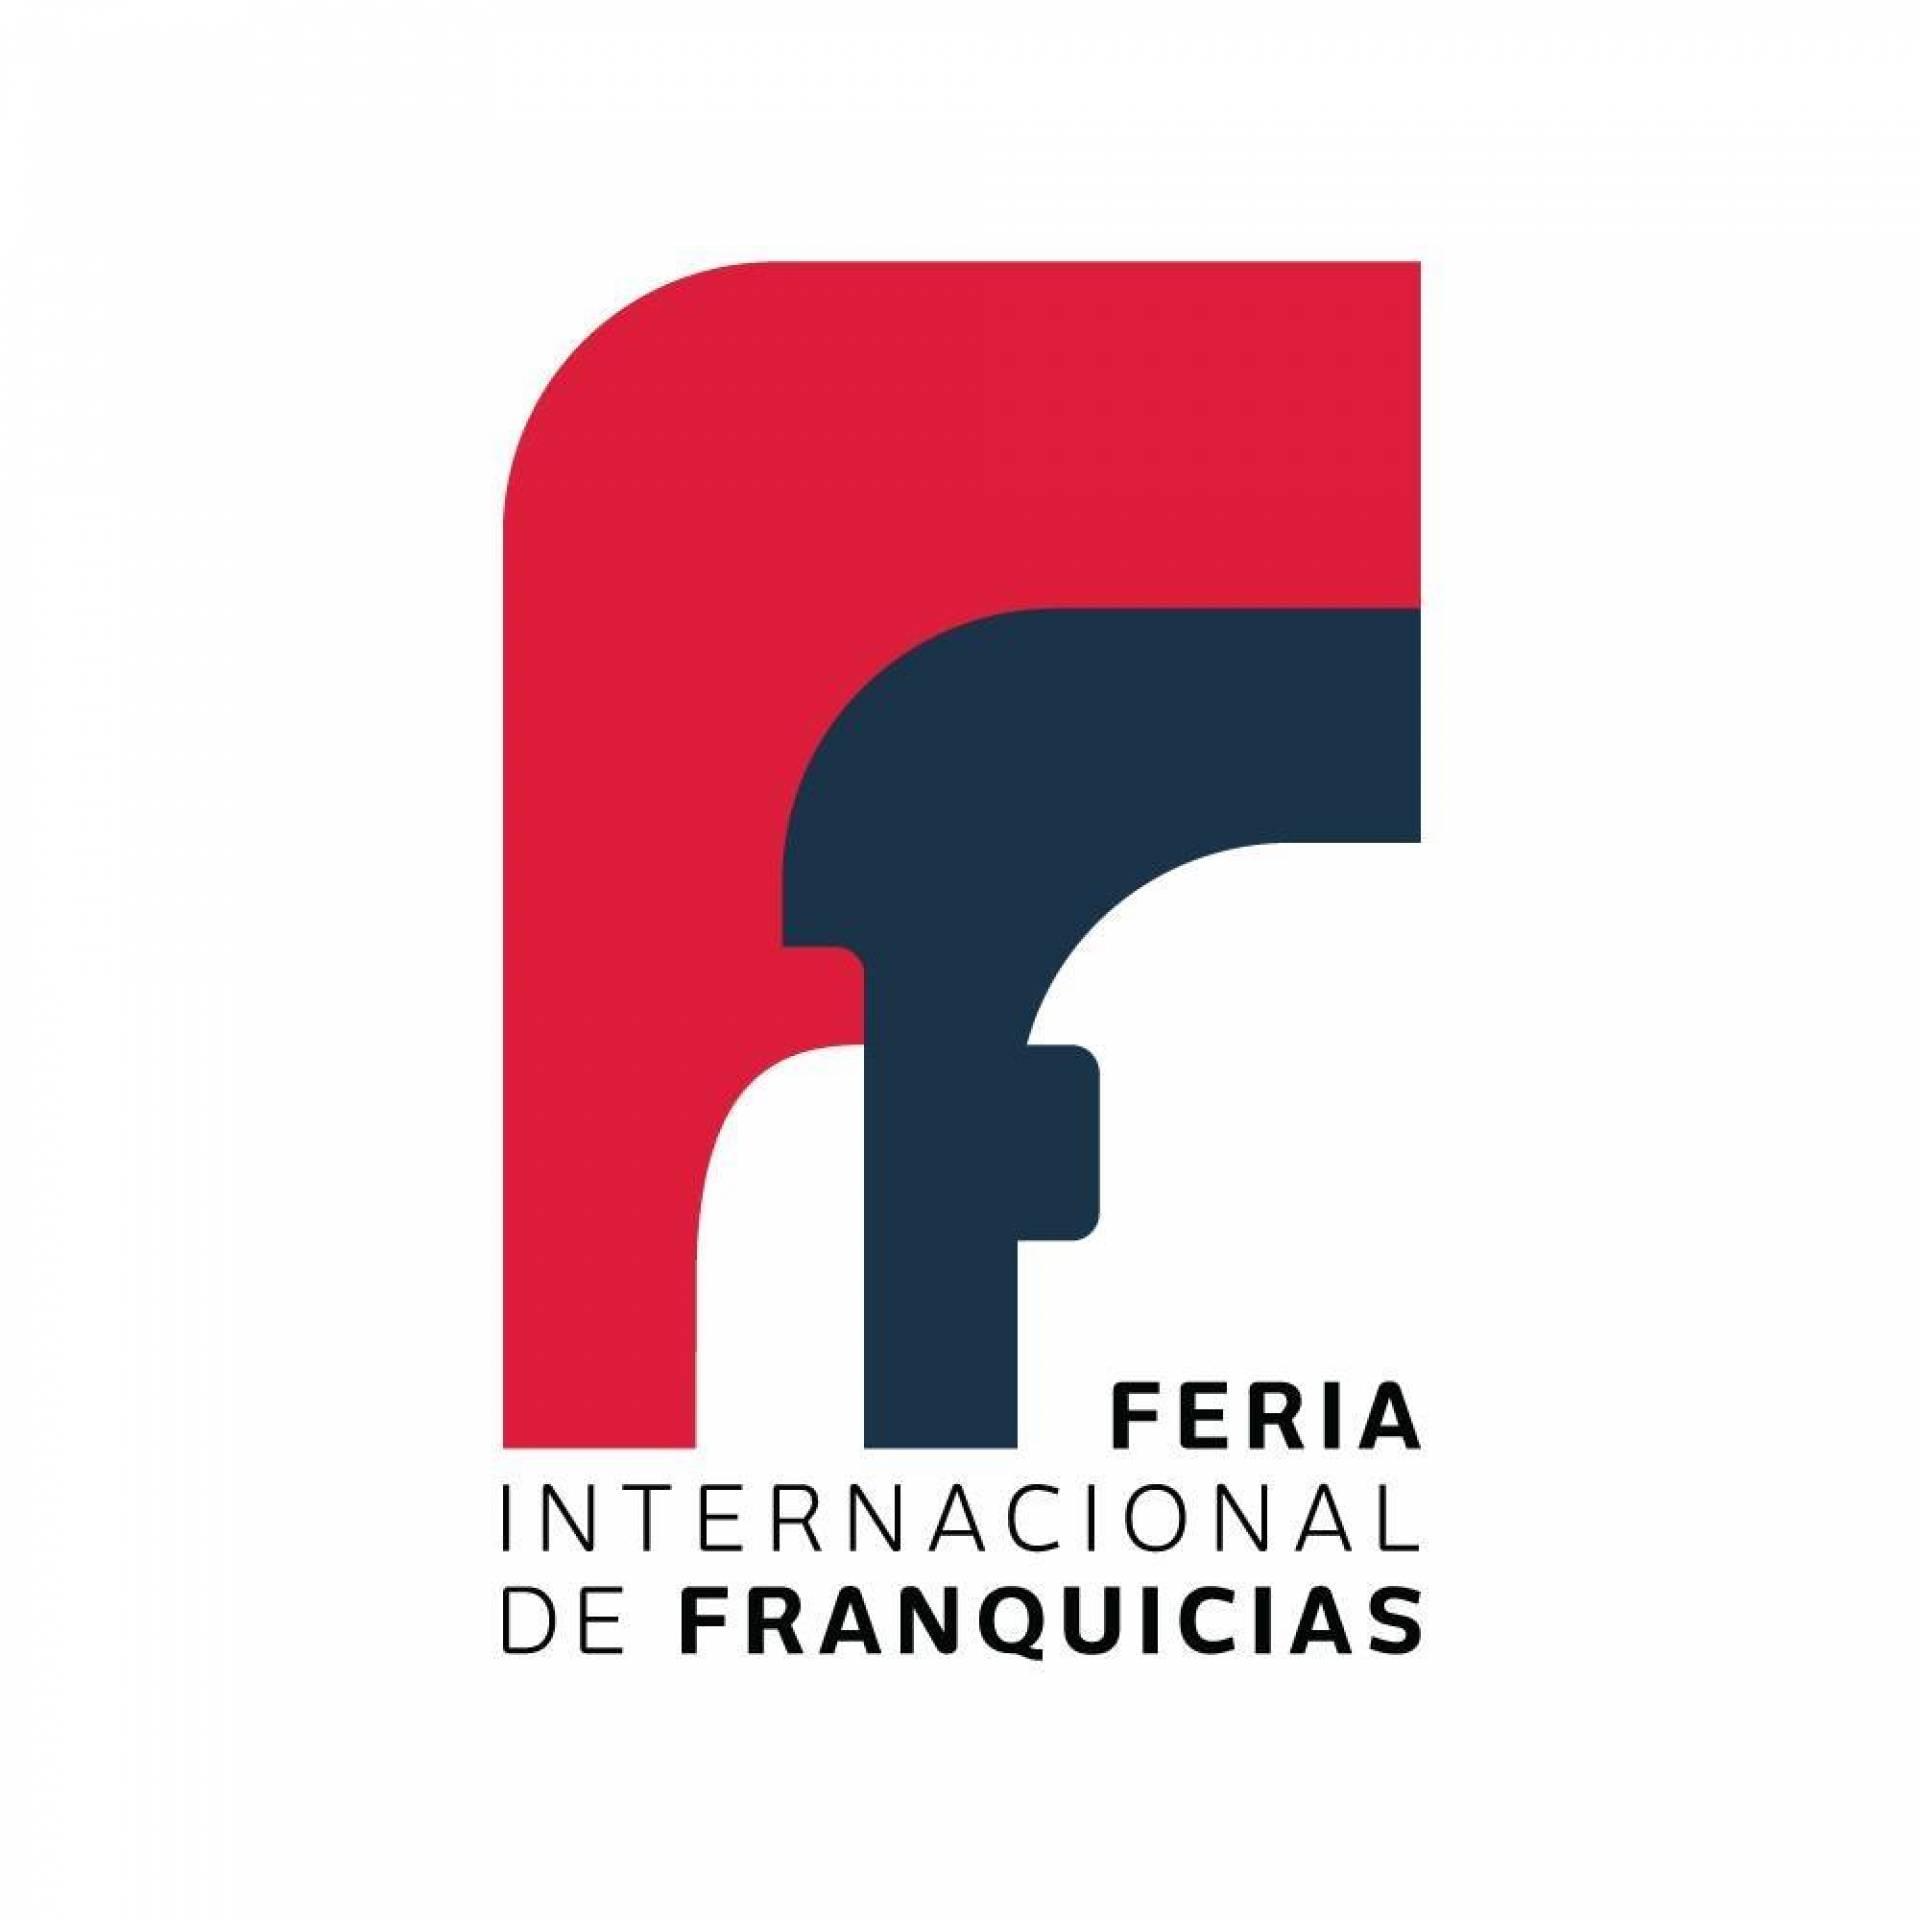 Feria Internacional de Franquicias